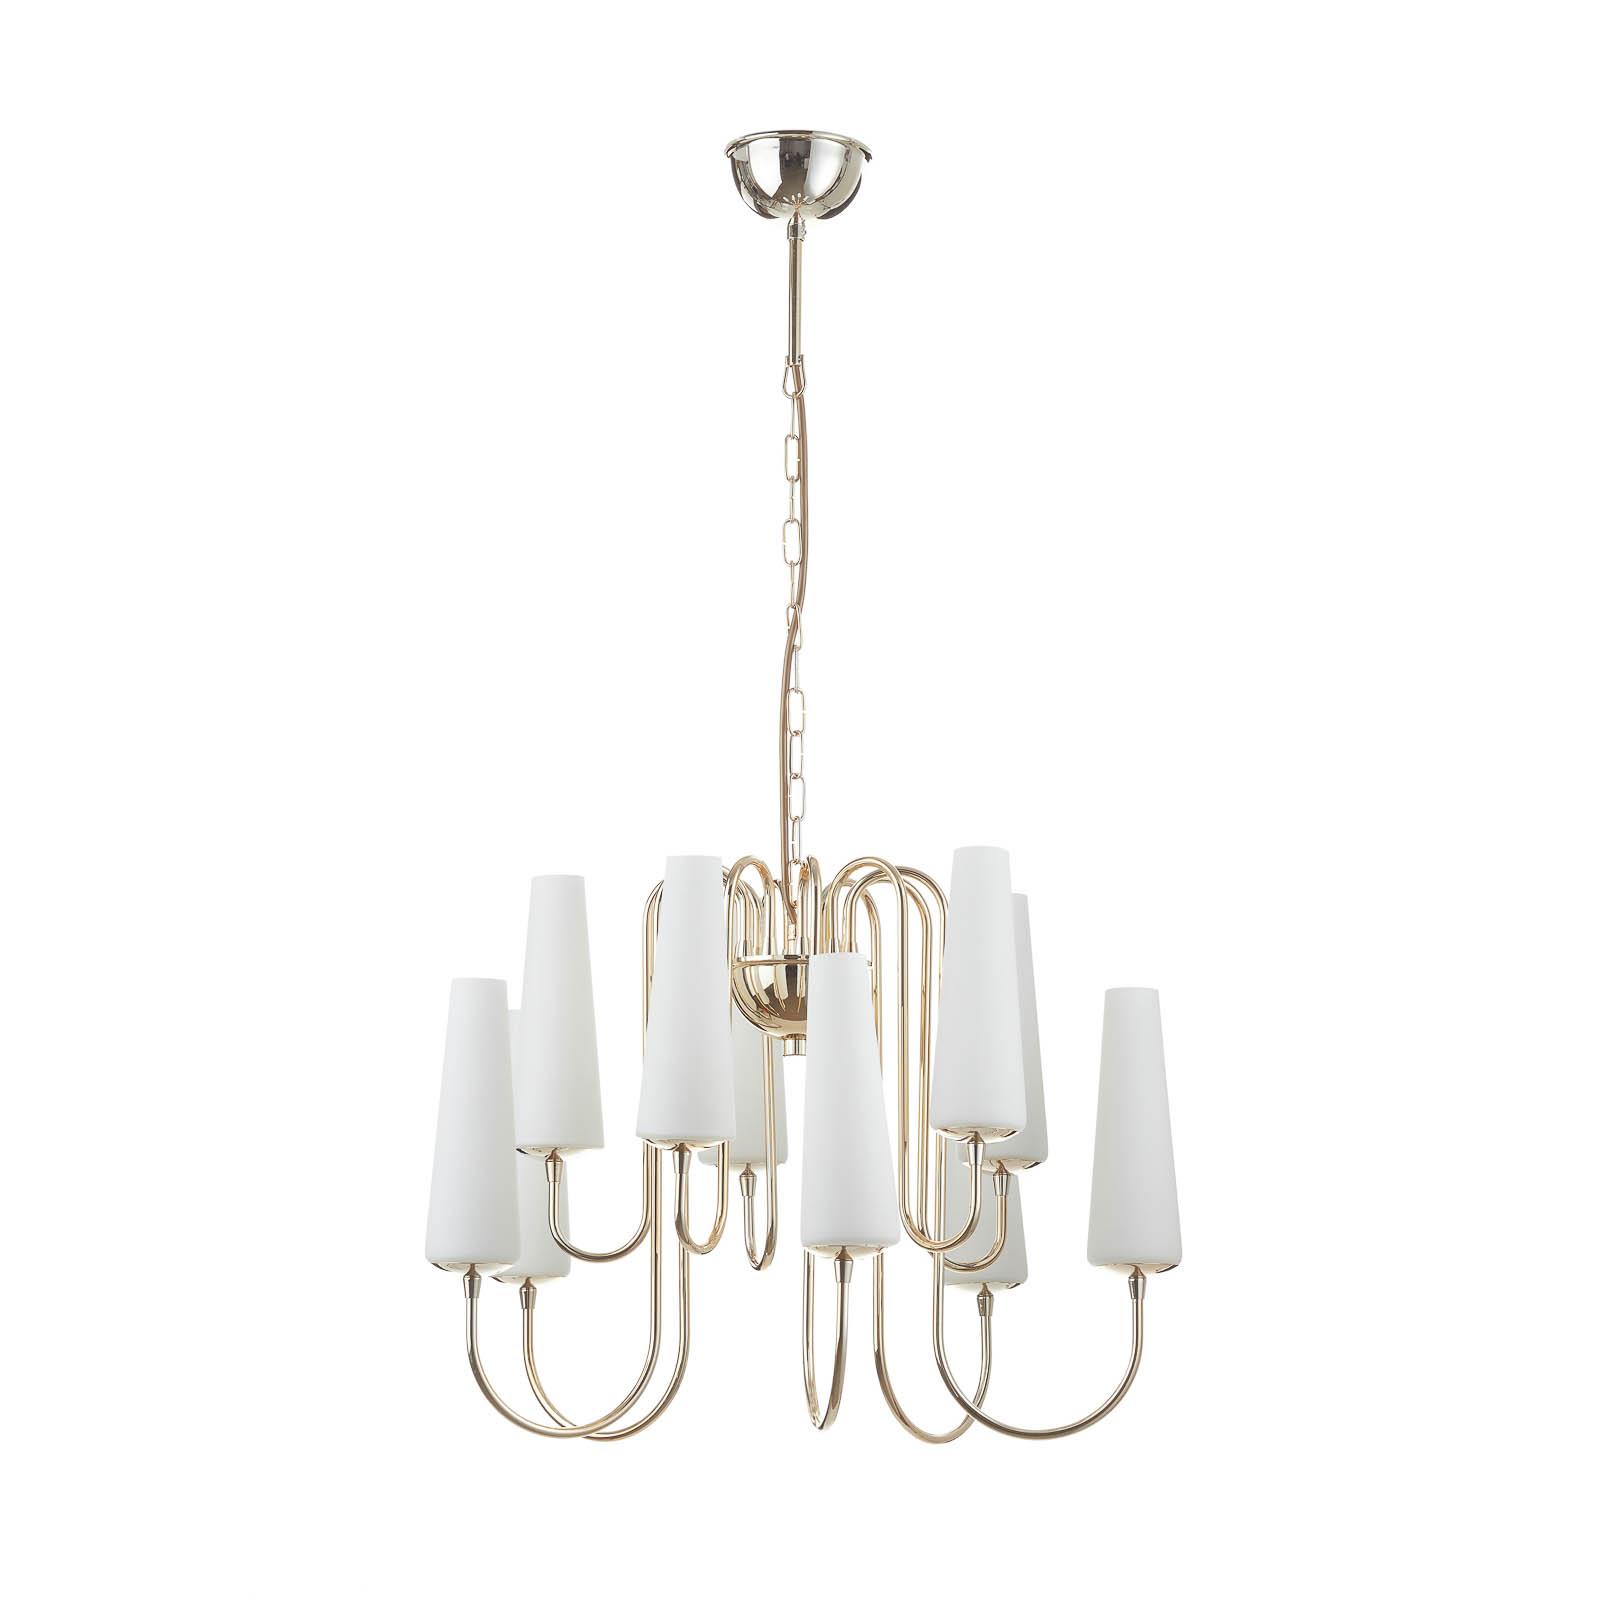 Gouden kroonluchter Magnum, met tien lampen